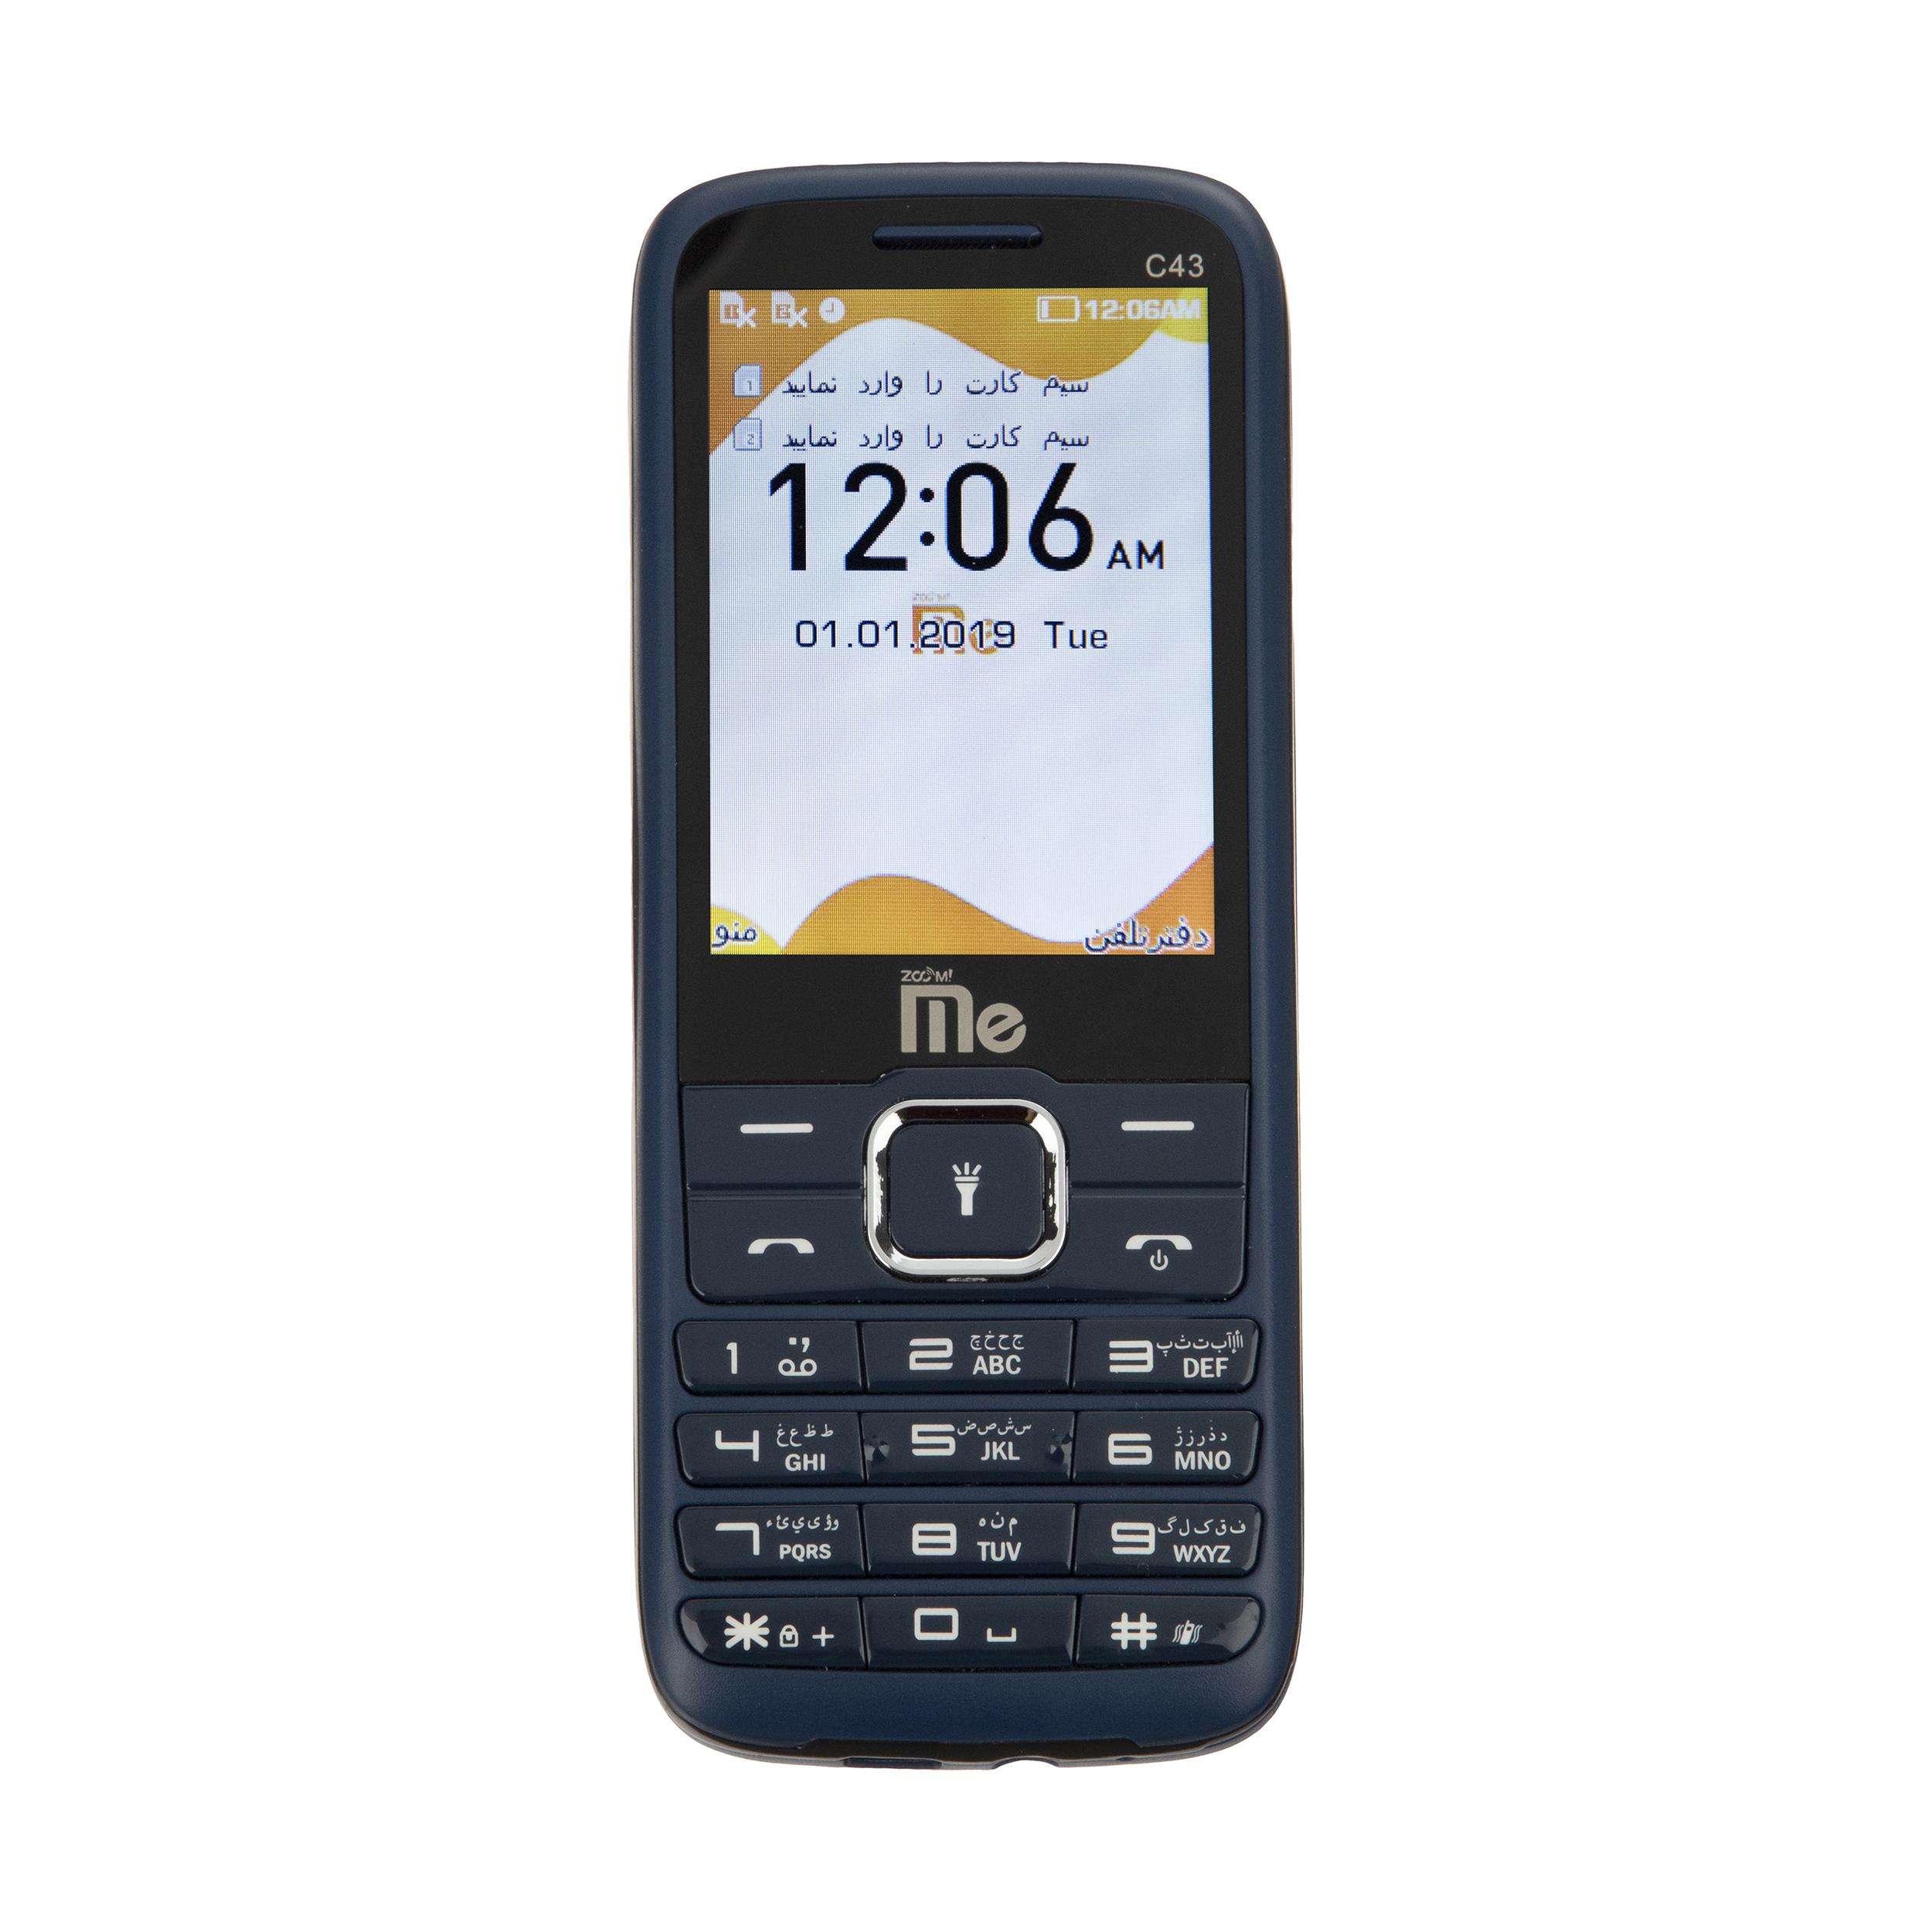 خرید گوشی موبایل زوم می مدل C43 دو سیم کارت